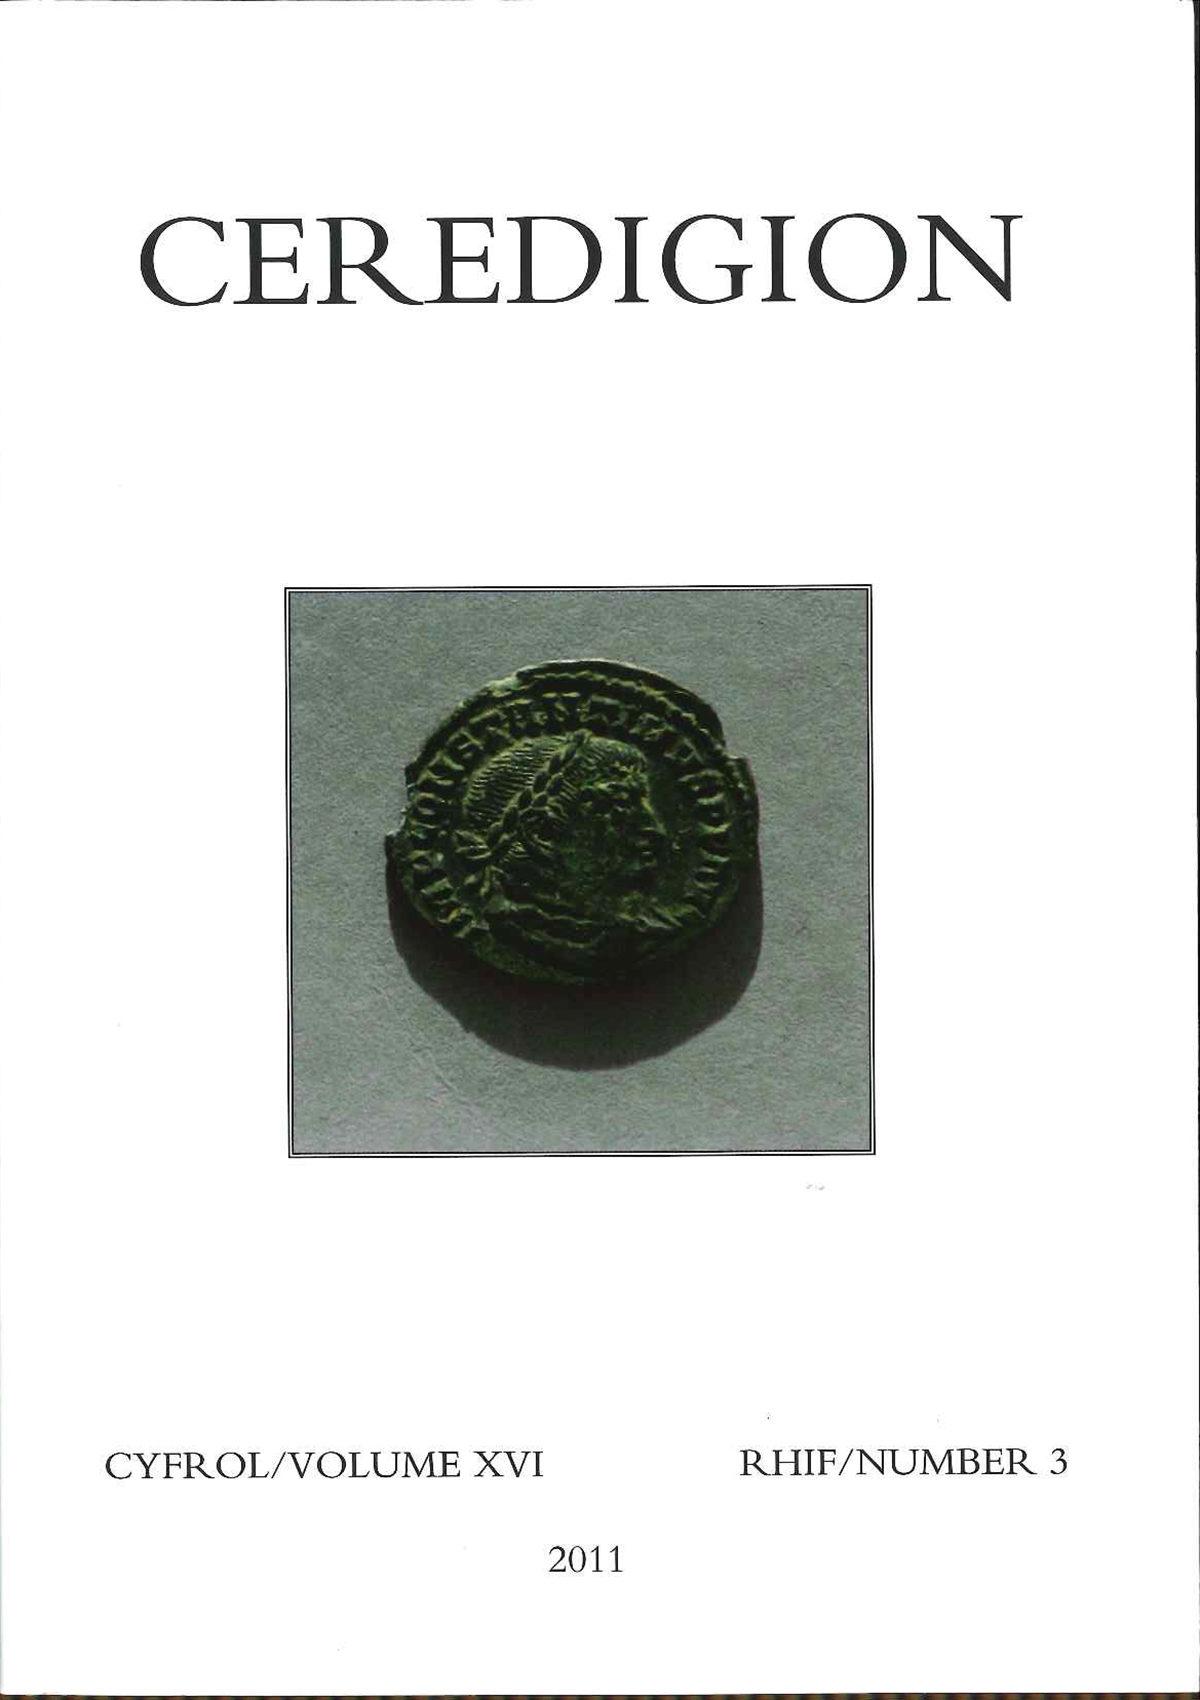 Ceredigion - Cylchgrawn Cymdeithas Hanes Ceredigion, Cyfrol XVI, Rhifyn 3, 2011 - ISBN 0069 2263